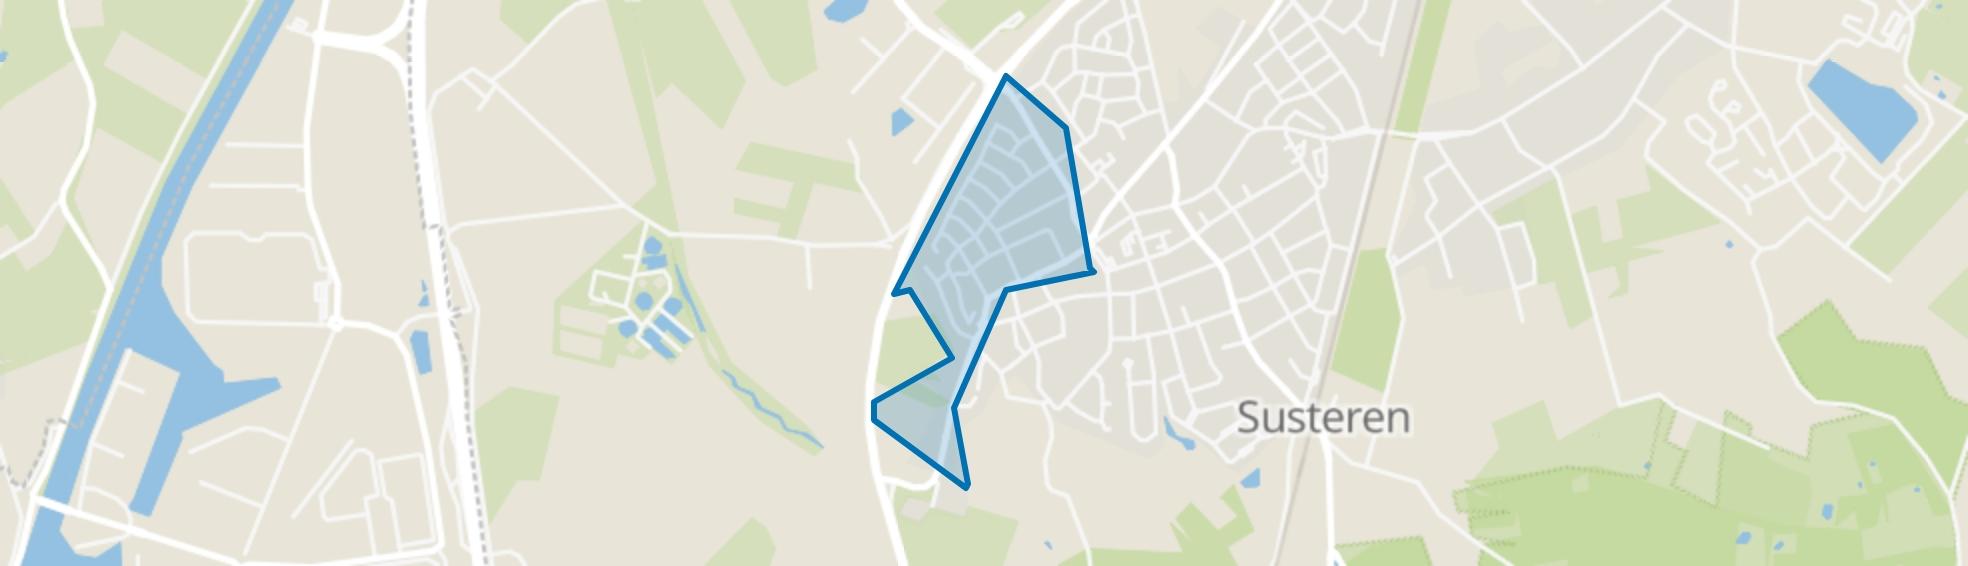 Munsterveld, Susteren map